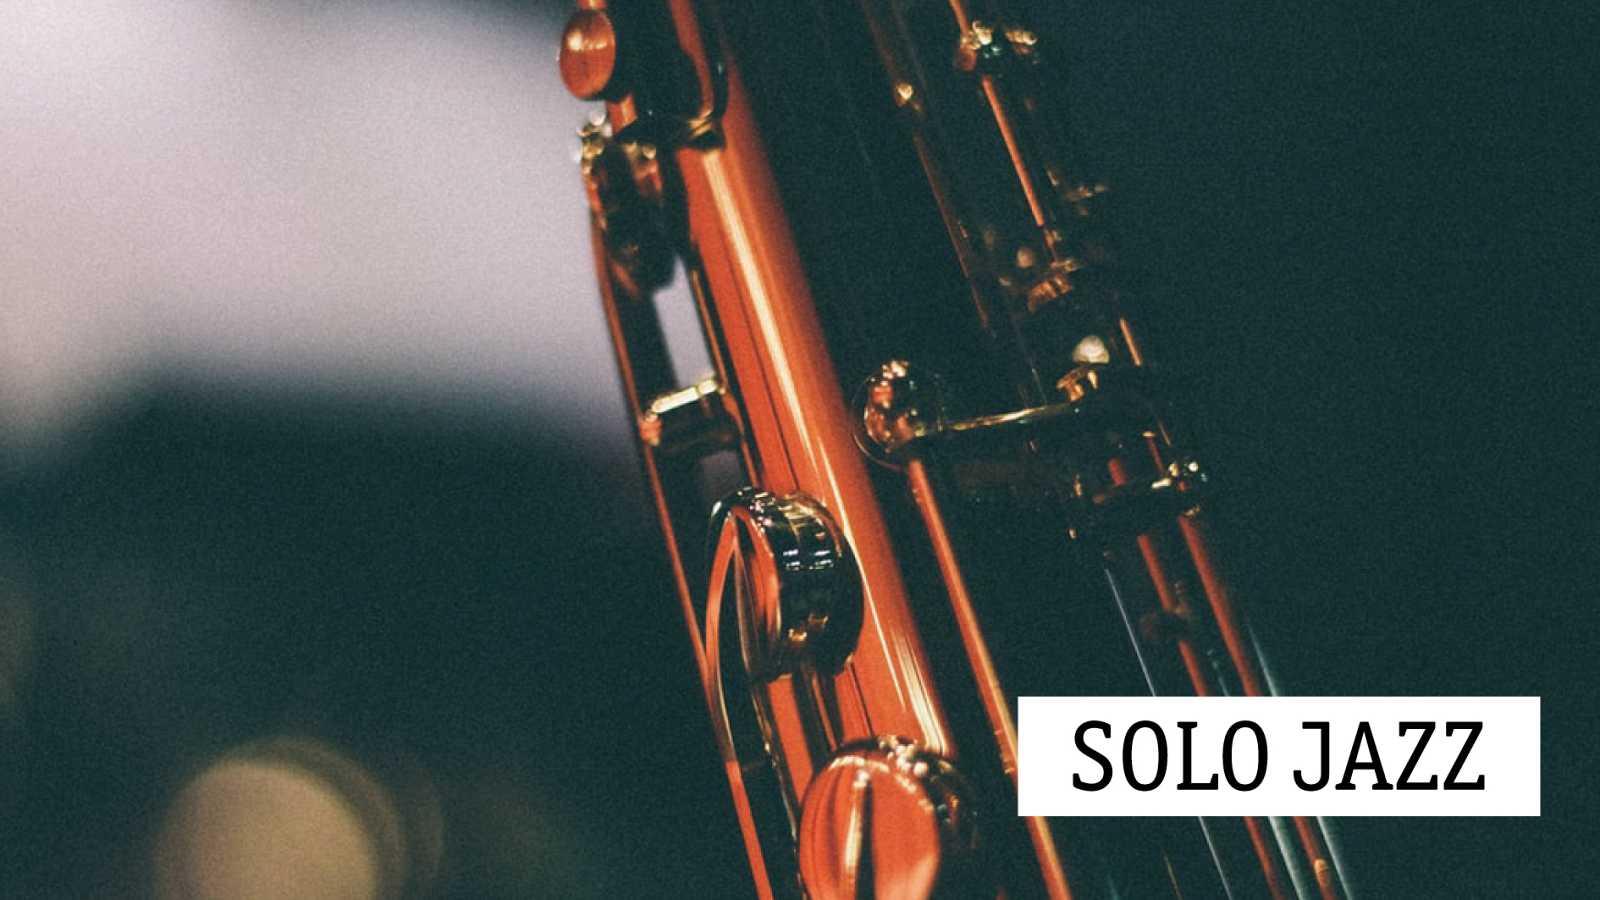 Solo jazz - No solemos hablar de Alice Coltrane - 21/10/20 - escuchar ahora